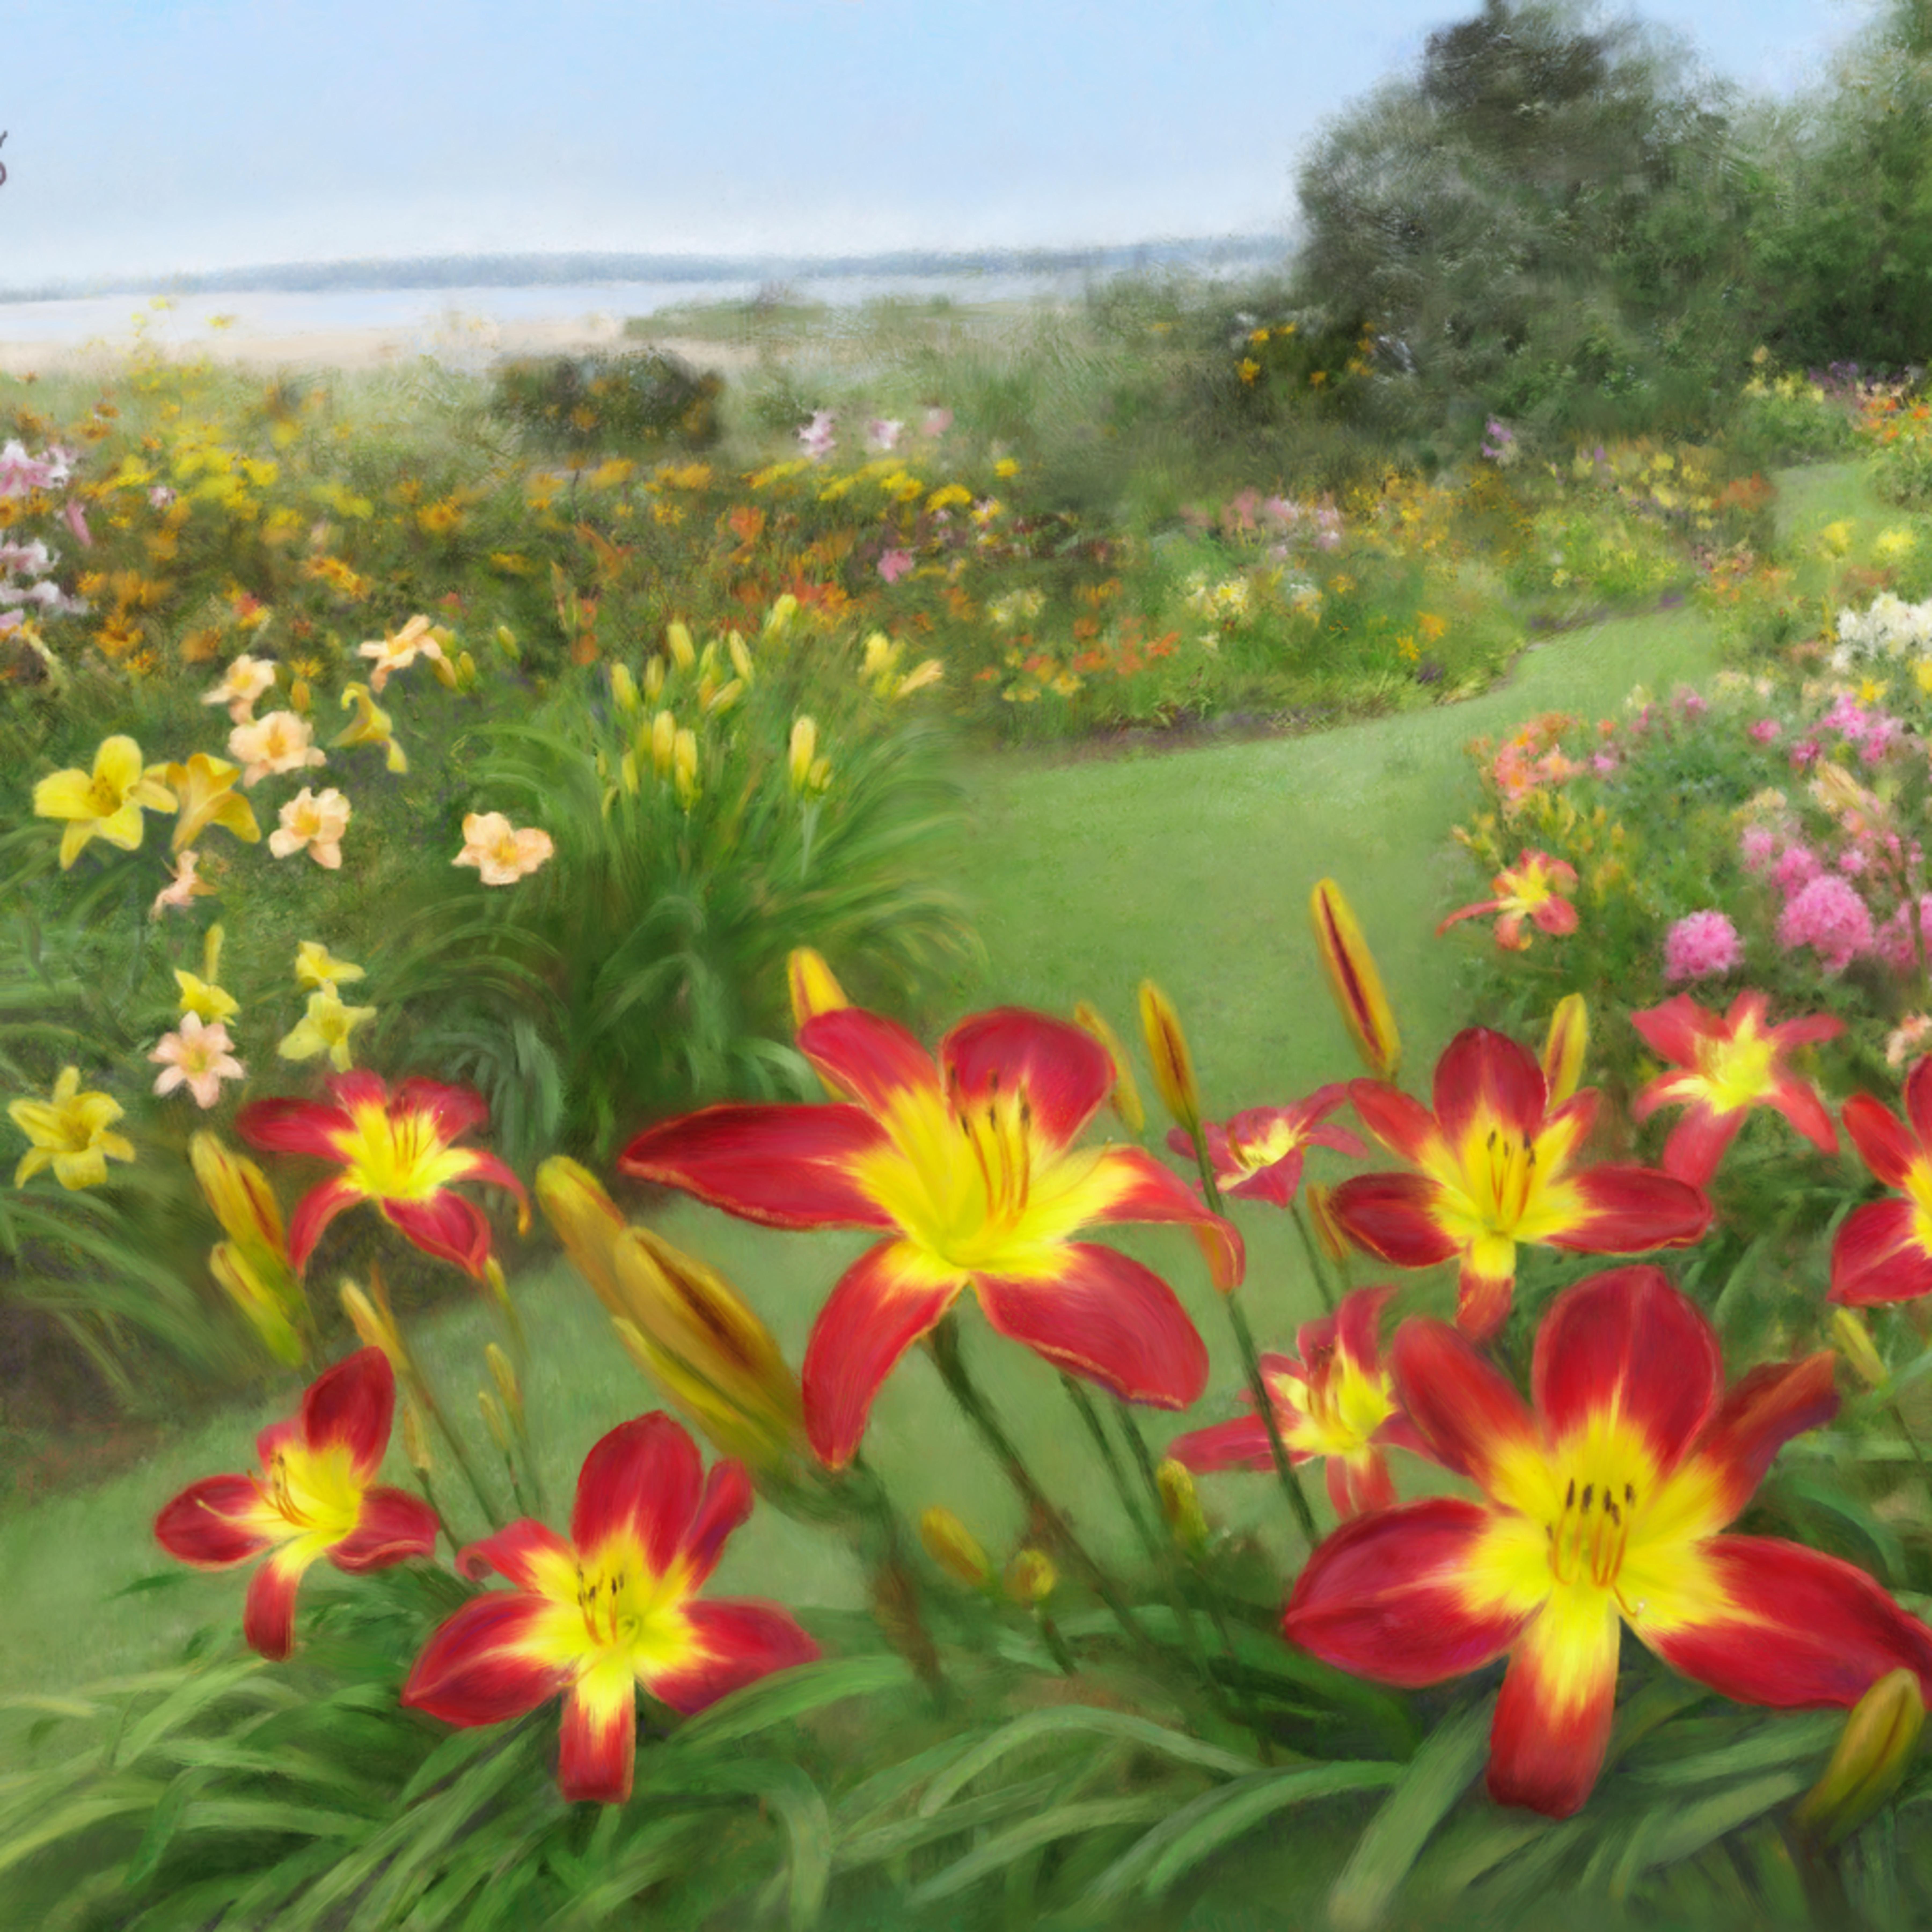 160517 ahern petersens garden 24x36x300 eebmkk